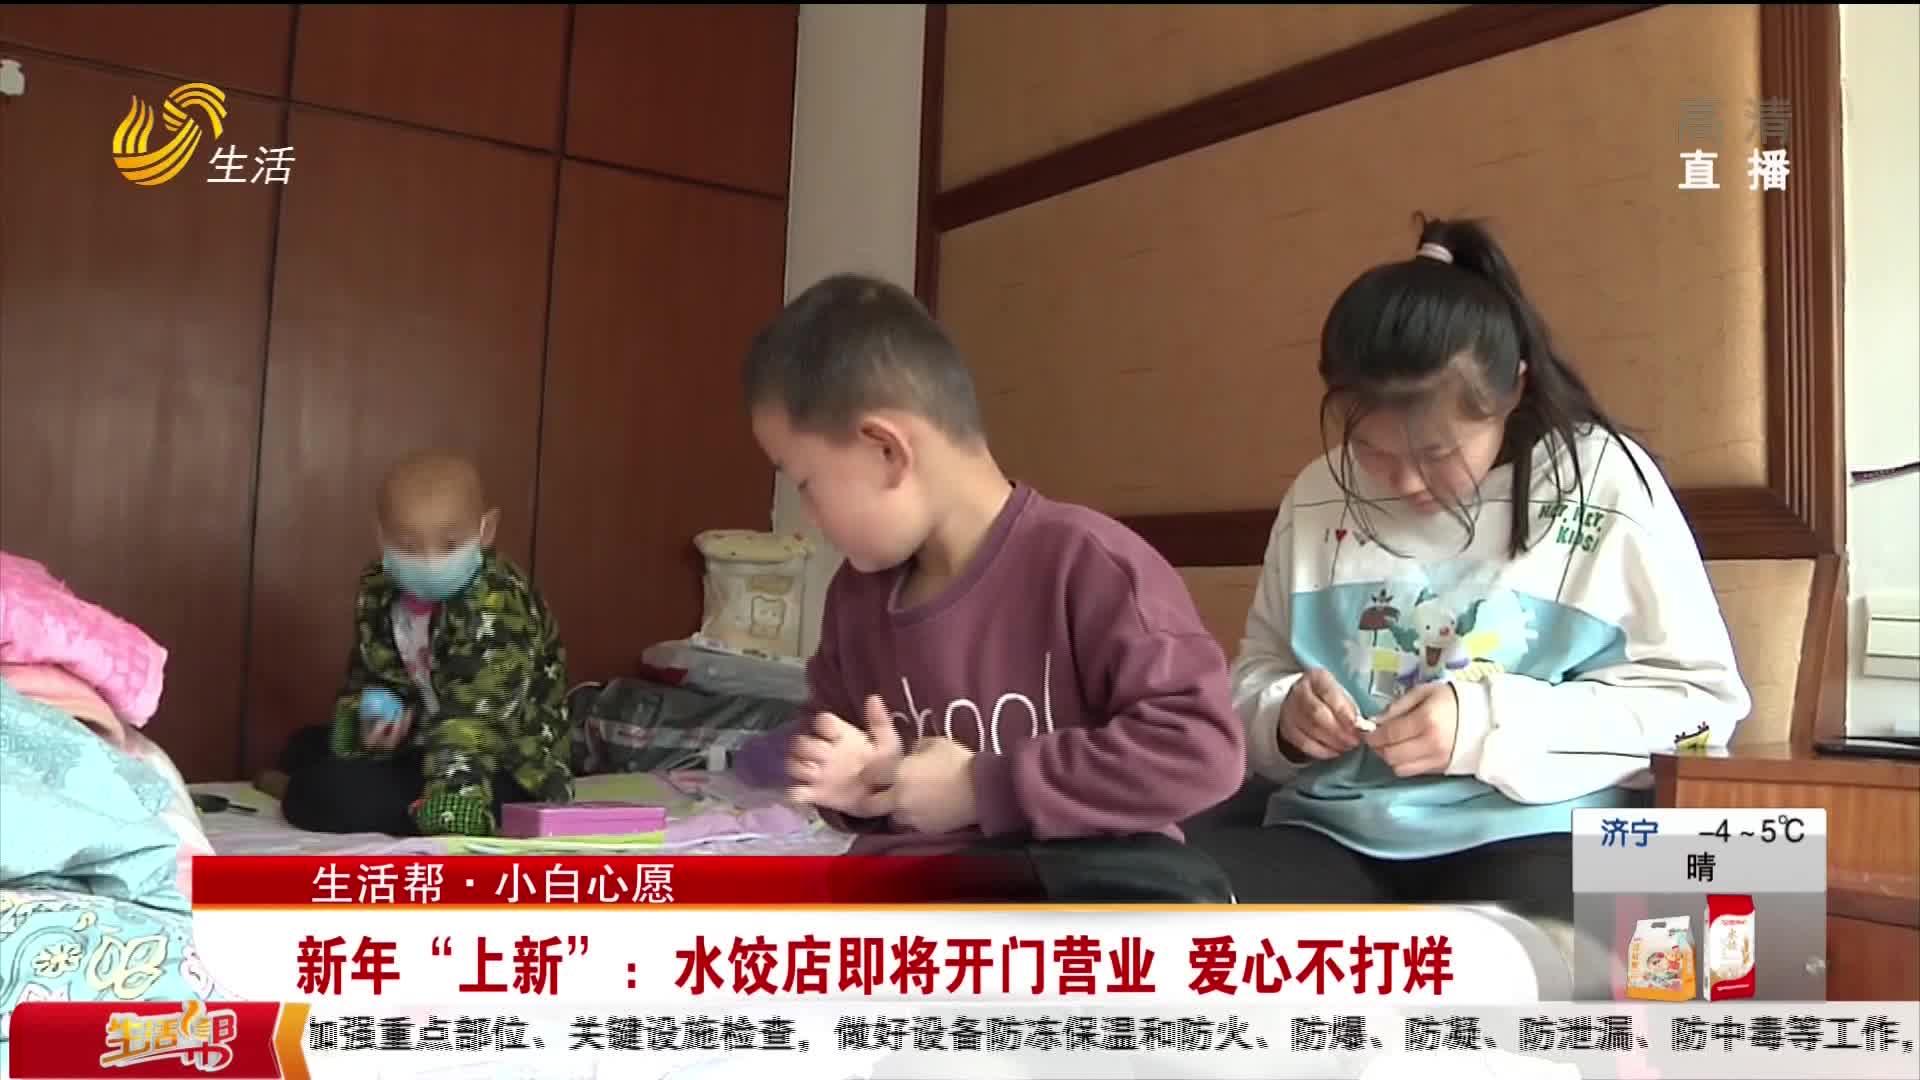 【生活帮 小白心愿】爱心水饺店:一群人温暖一座城